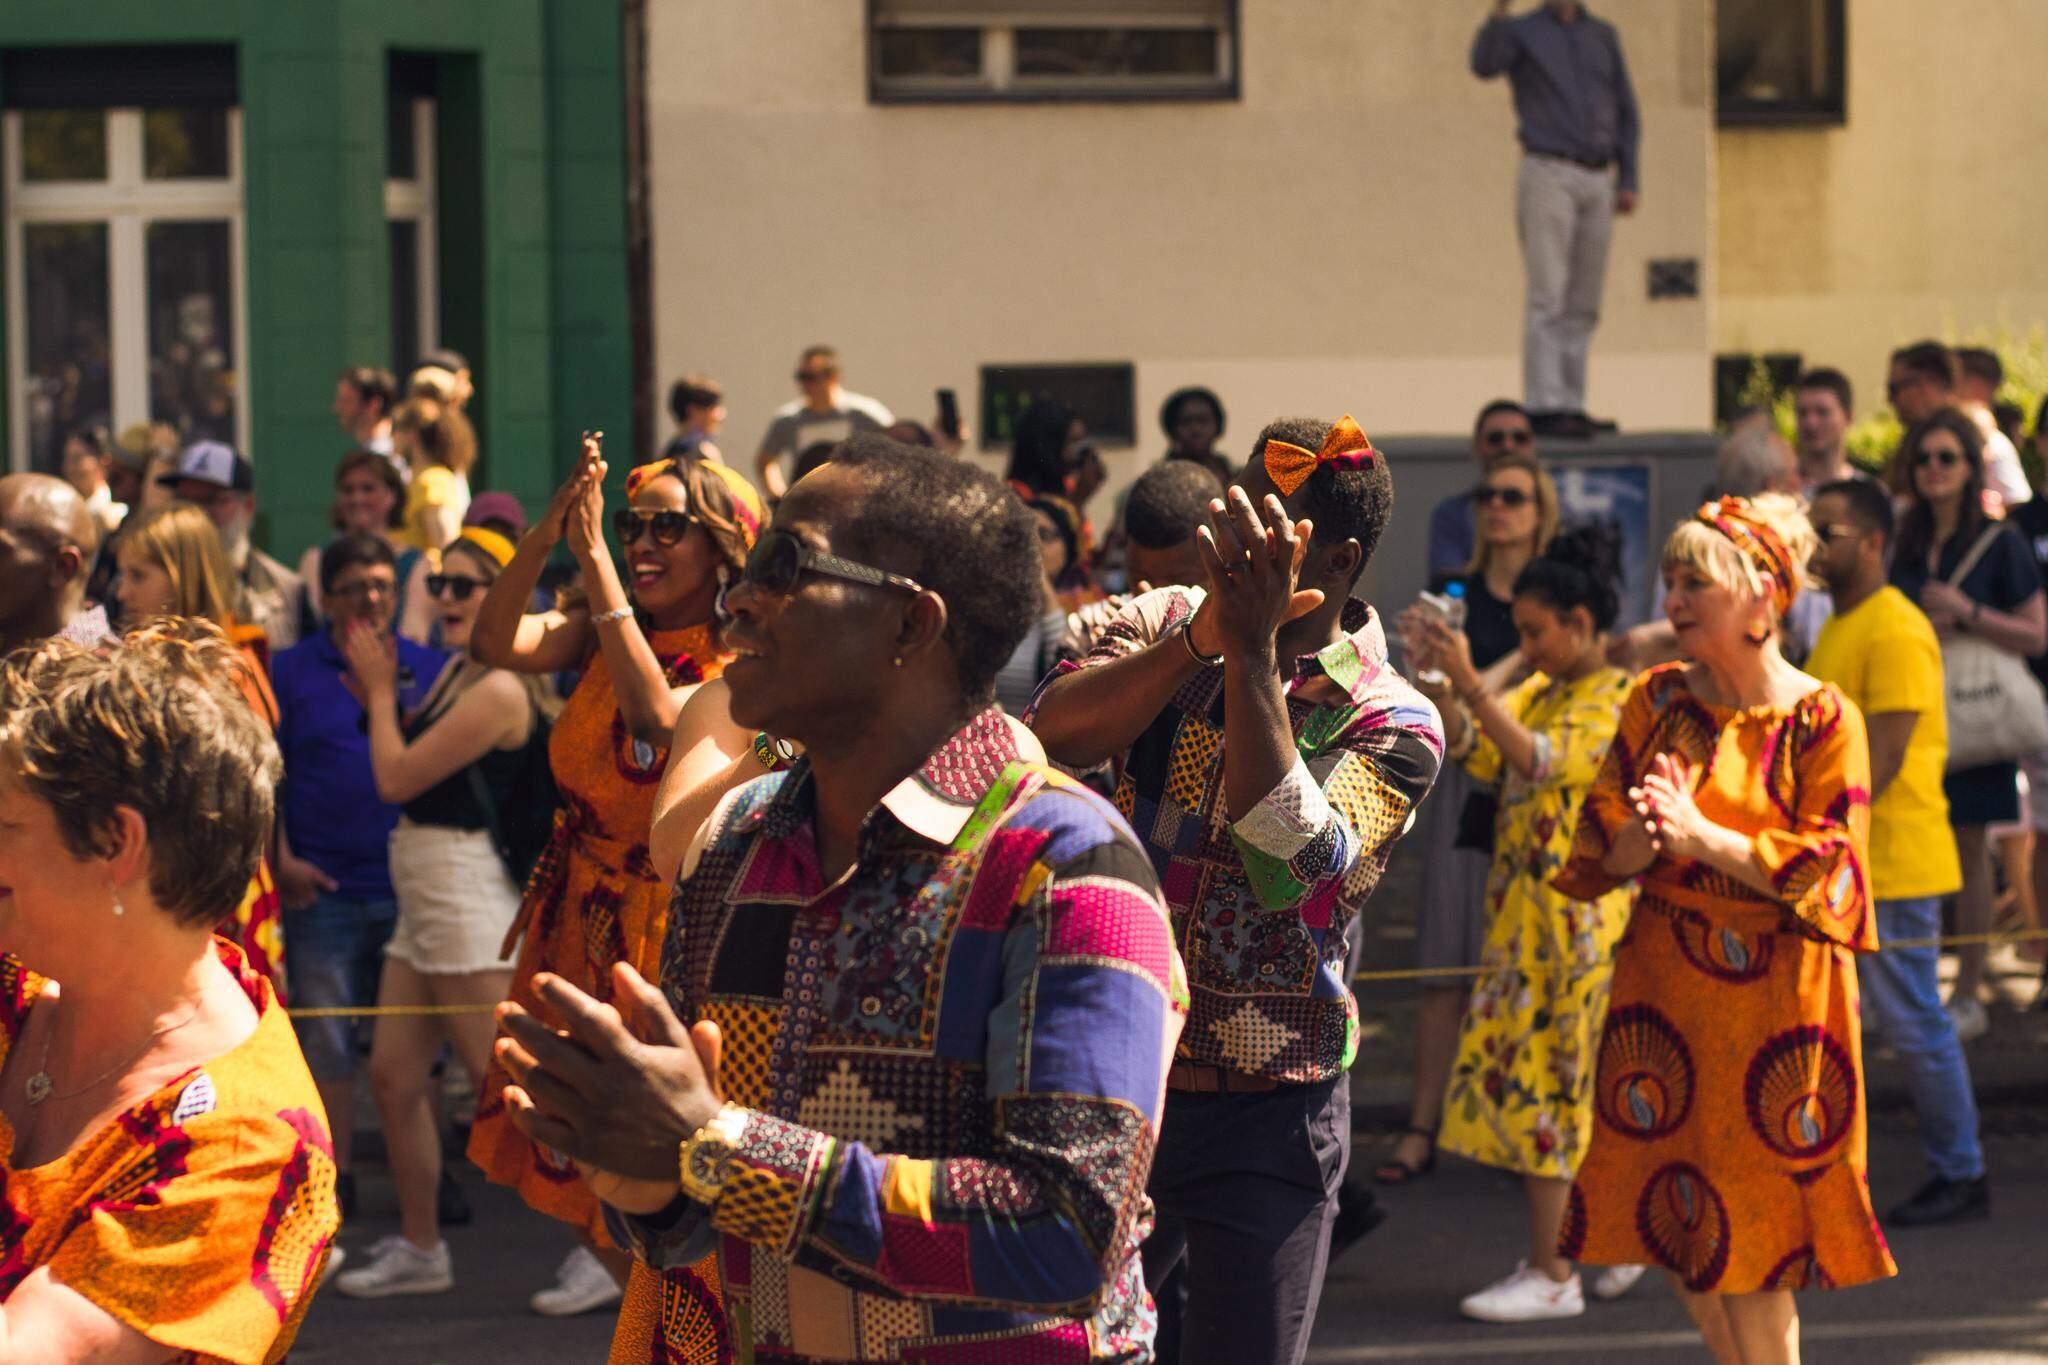 Assim com o Brasil, a Alemanha também tem a tradição das festas e foliões (Foto: Orimi Protograph/Unsplash)